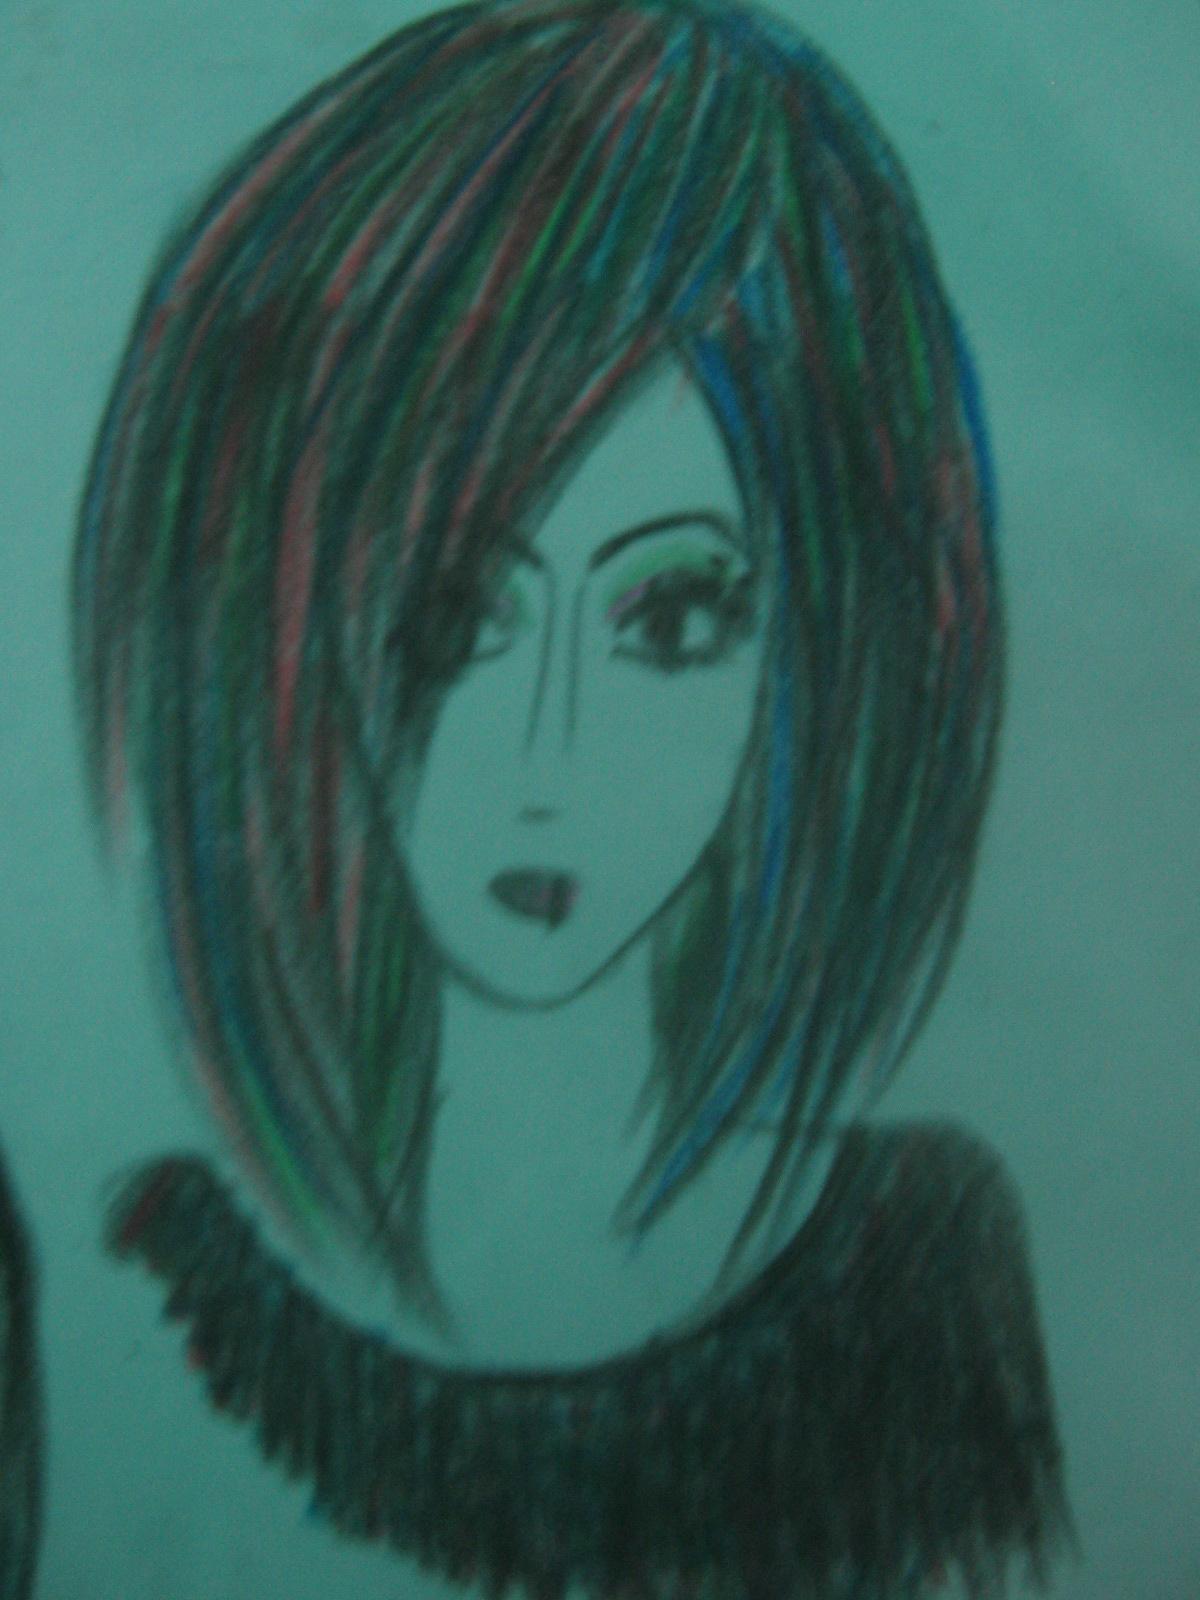 এমো স্টাইল drawing